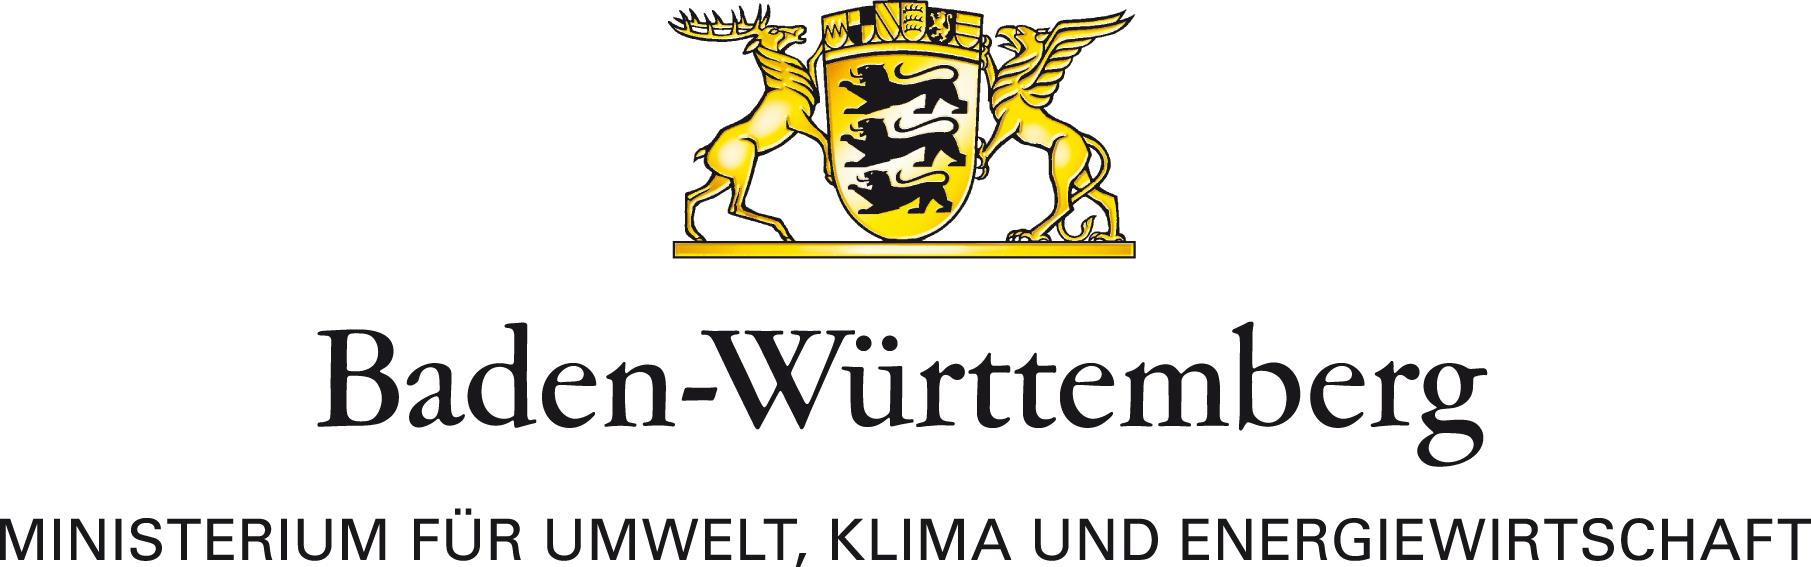 gefördert durch Mittel des Landes Baden-Württemberg